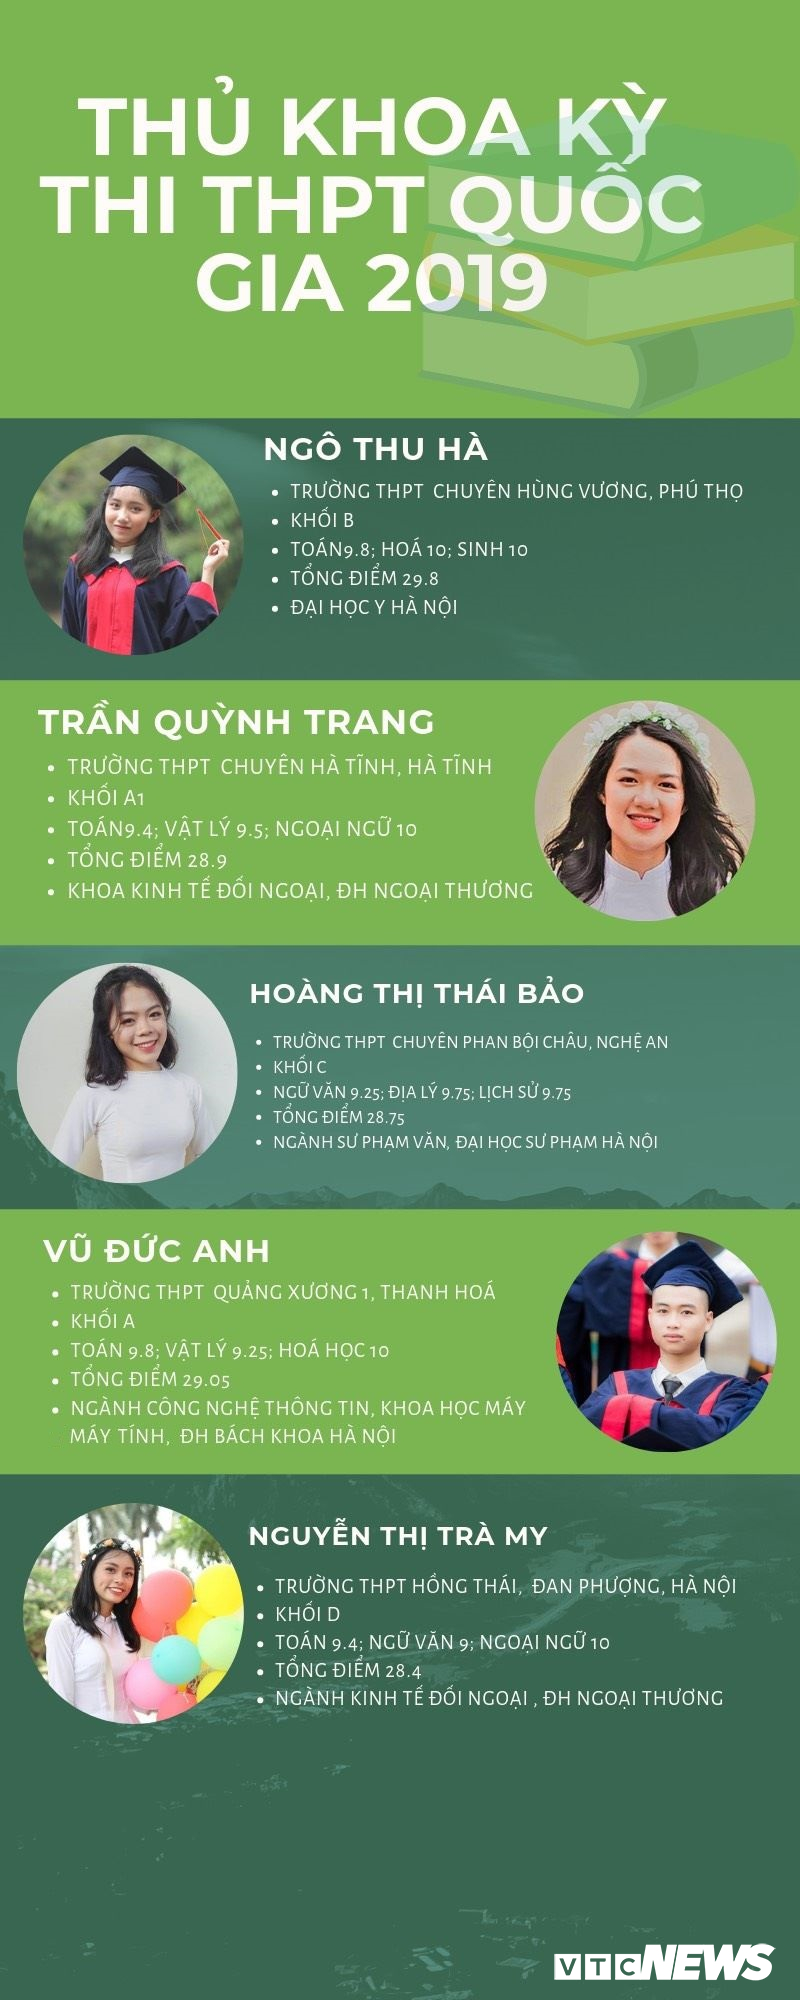 Infographic: Thu khoa ky thi THPT Quoc gia 2019 la ai? hinh anh 1